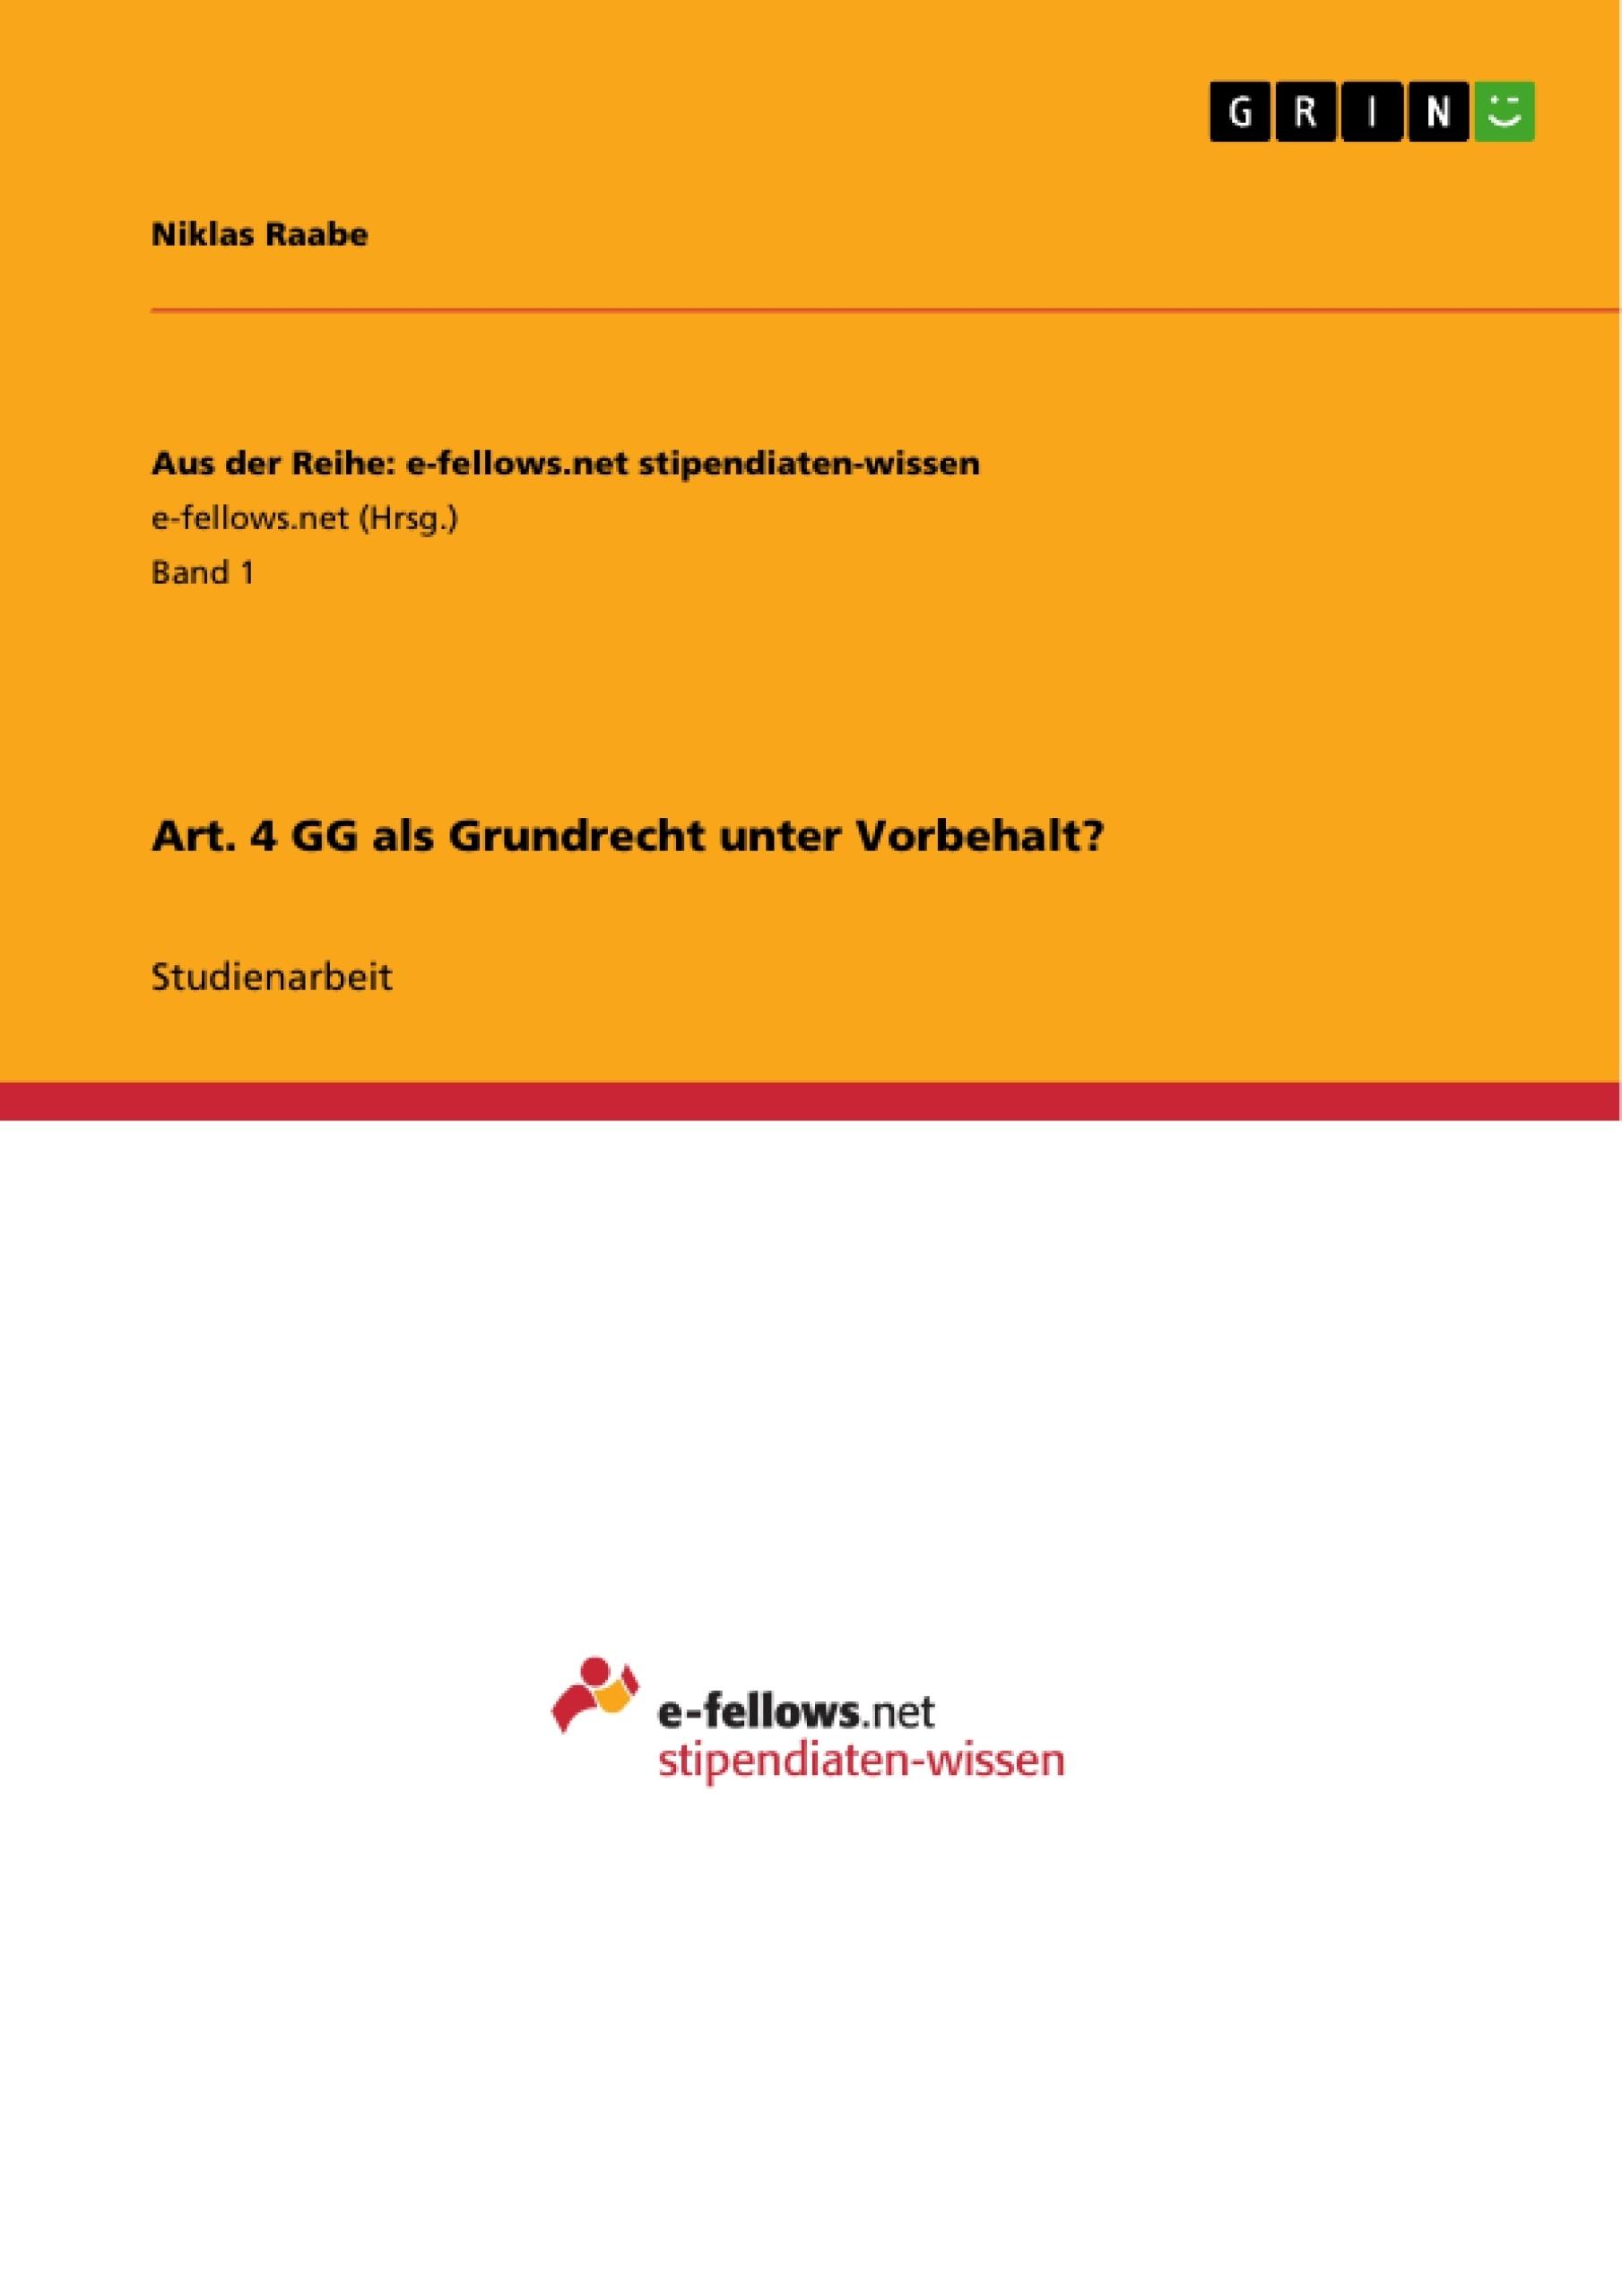 Titel: Art. 4 GG als Grundrecht unter Vorbehalt?